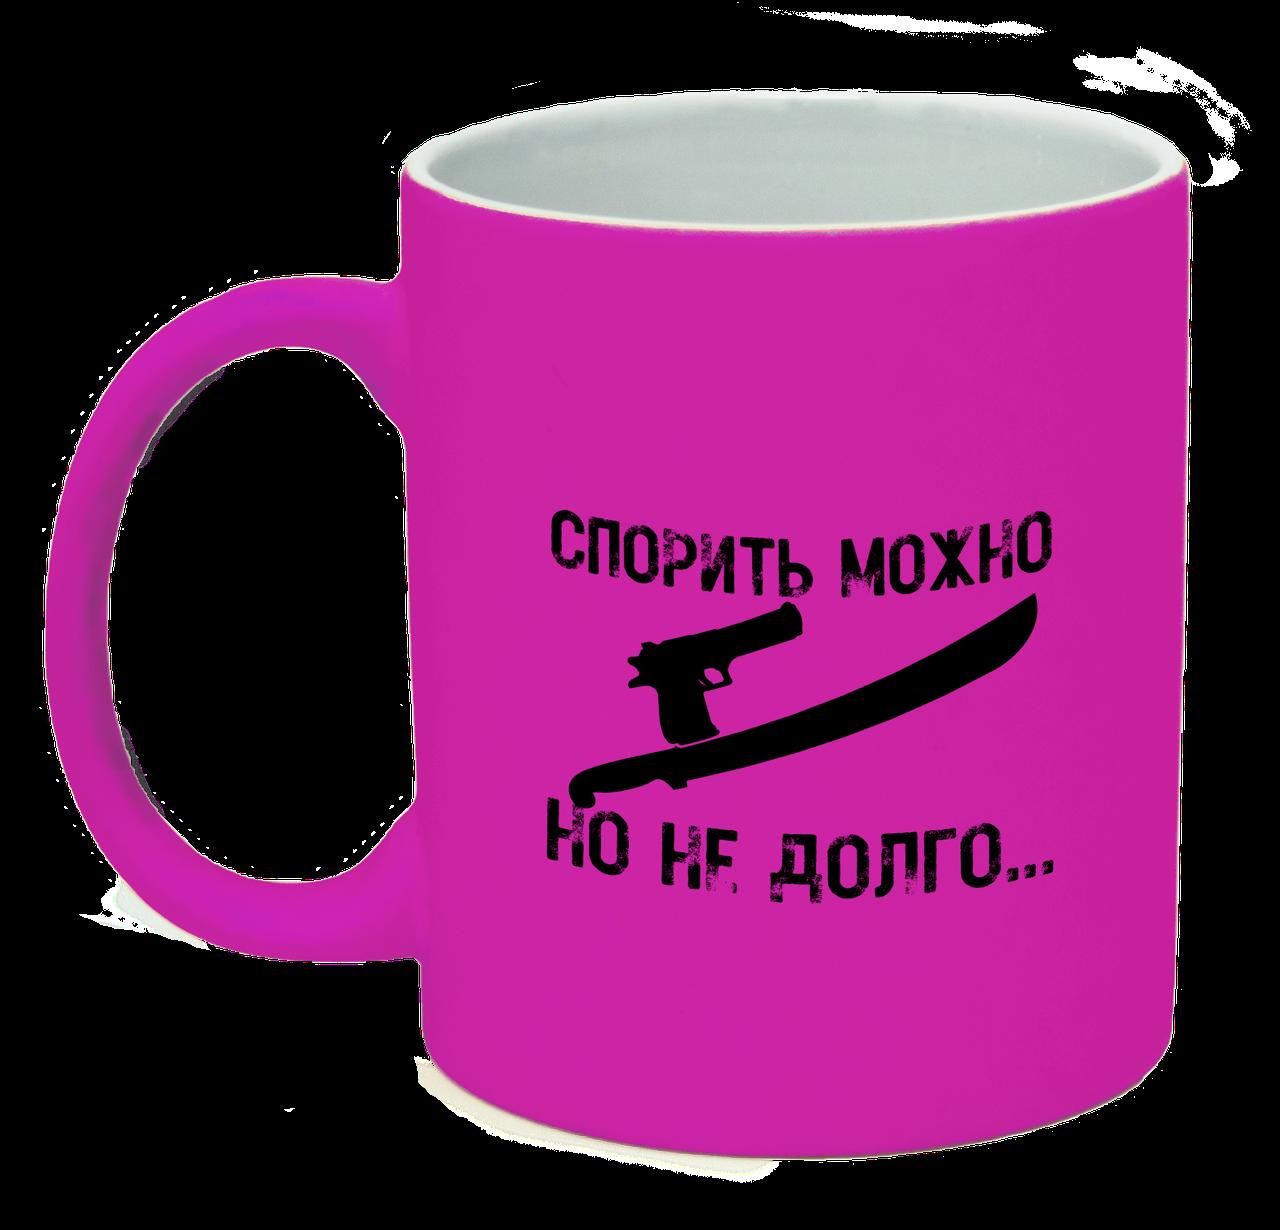 """Неоновая матовая чашка c """"Спорить можно, но не долго"""", ярко-розовая"""